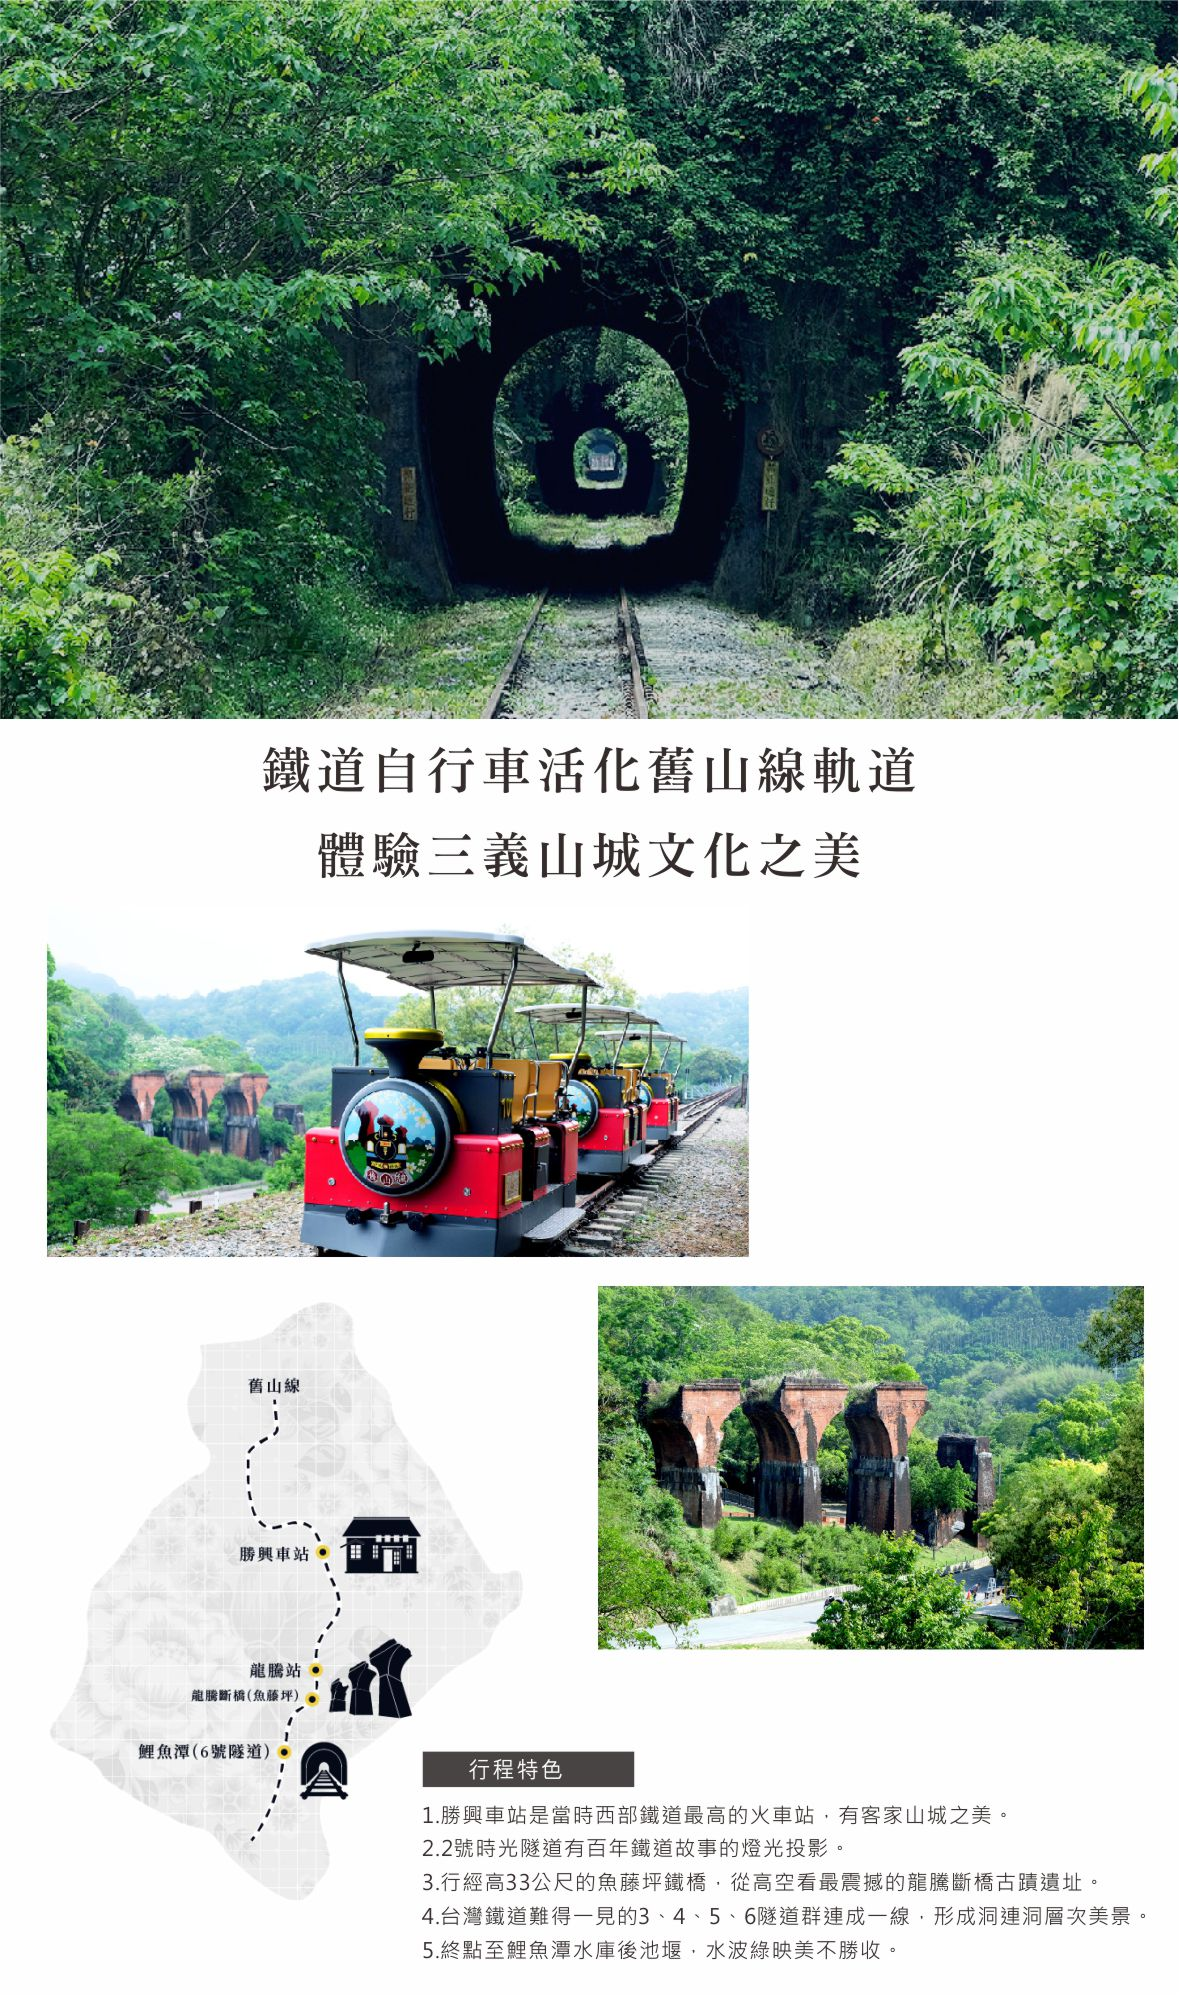 鐵道自行車